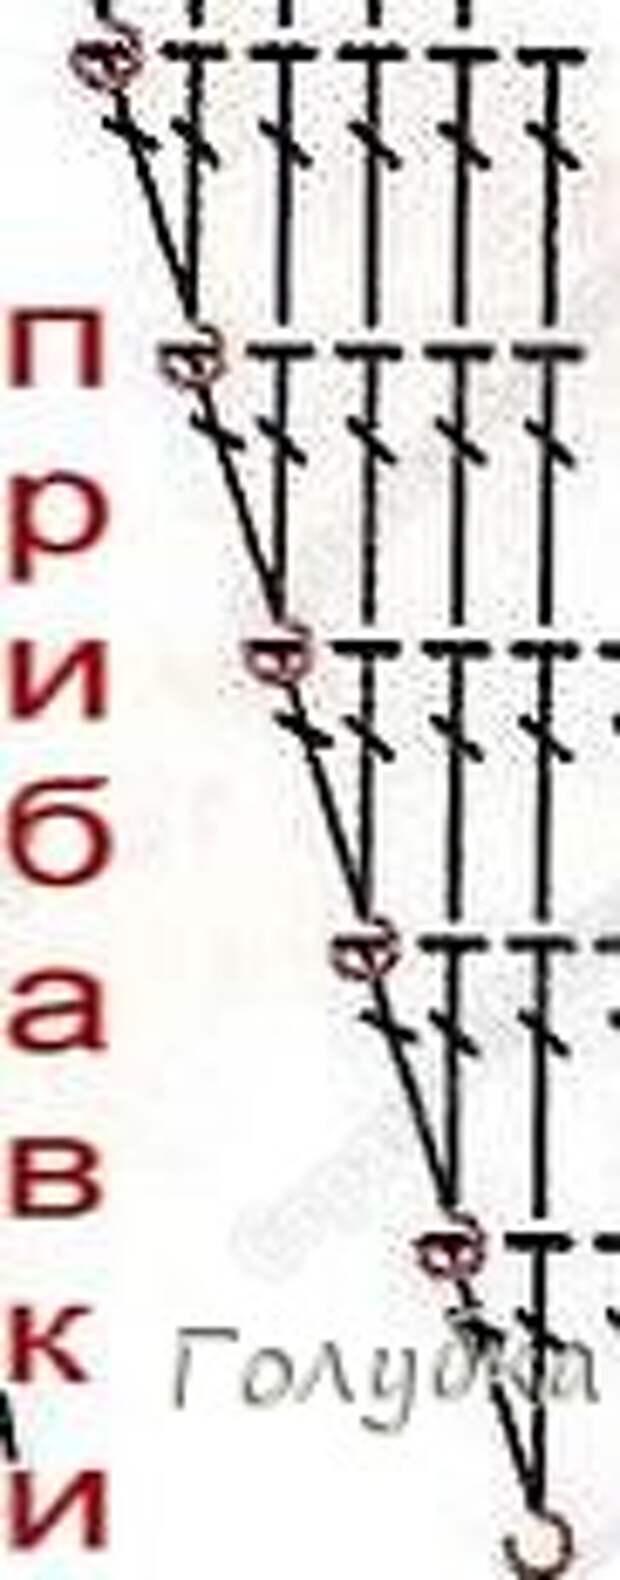 Гардероб Мастер-класс Вязание крючком Вяжем вместе Берет крючком с рельефными столбиками Пряжа фото 5